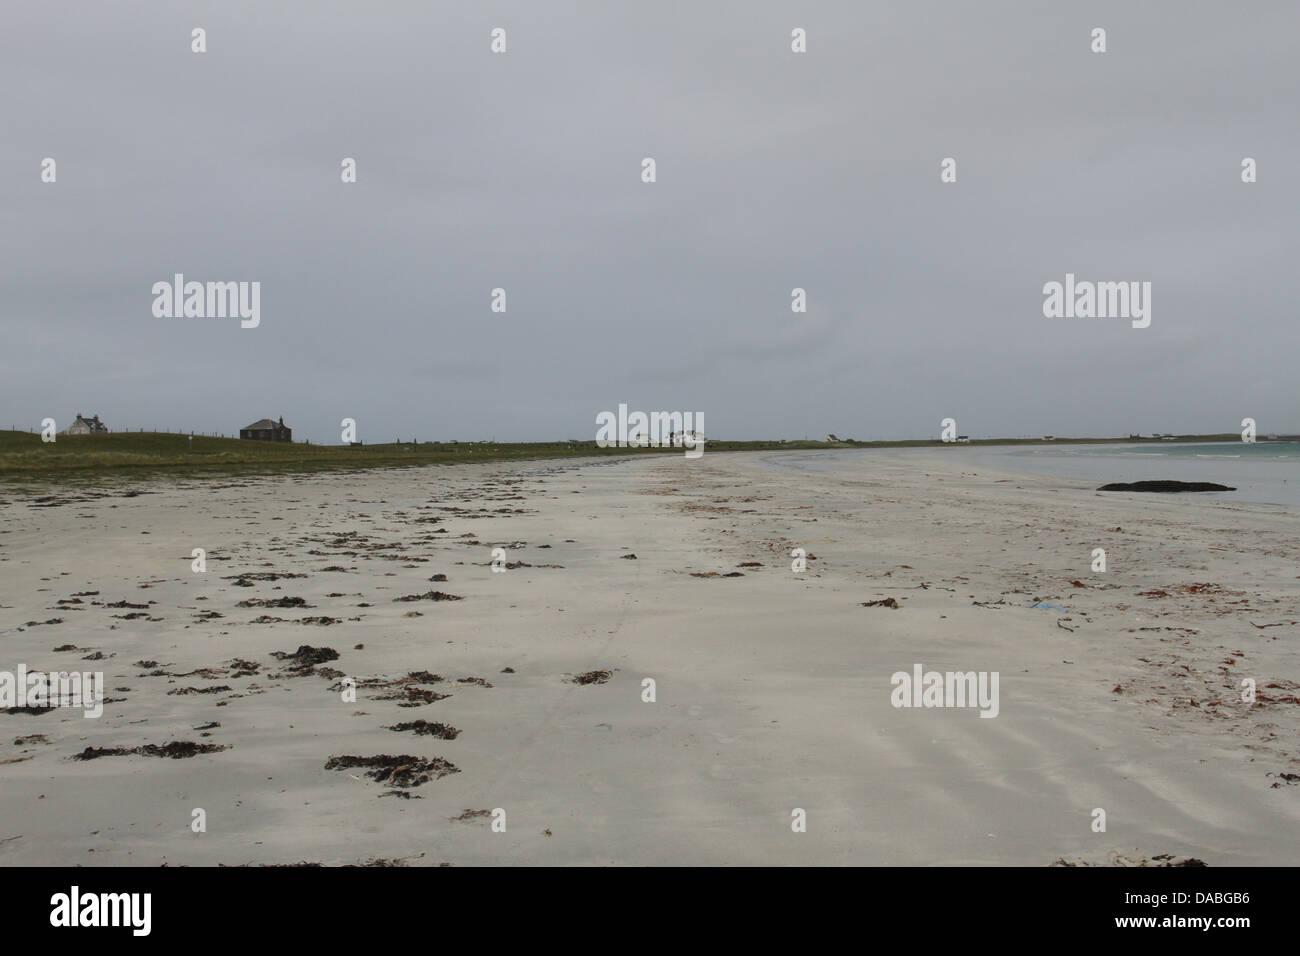 Spiaggia gott bay isle of tiree scozia giugno 2013 Immagini Stock